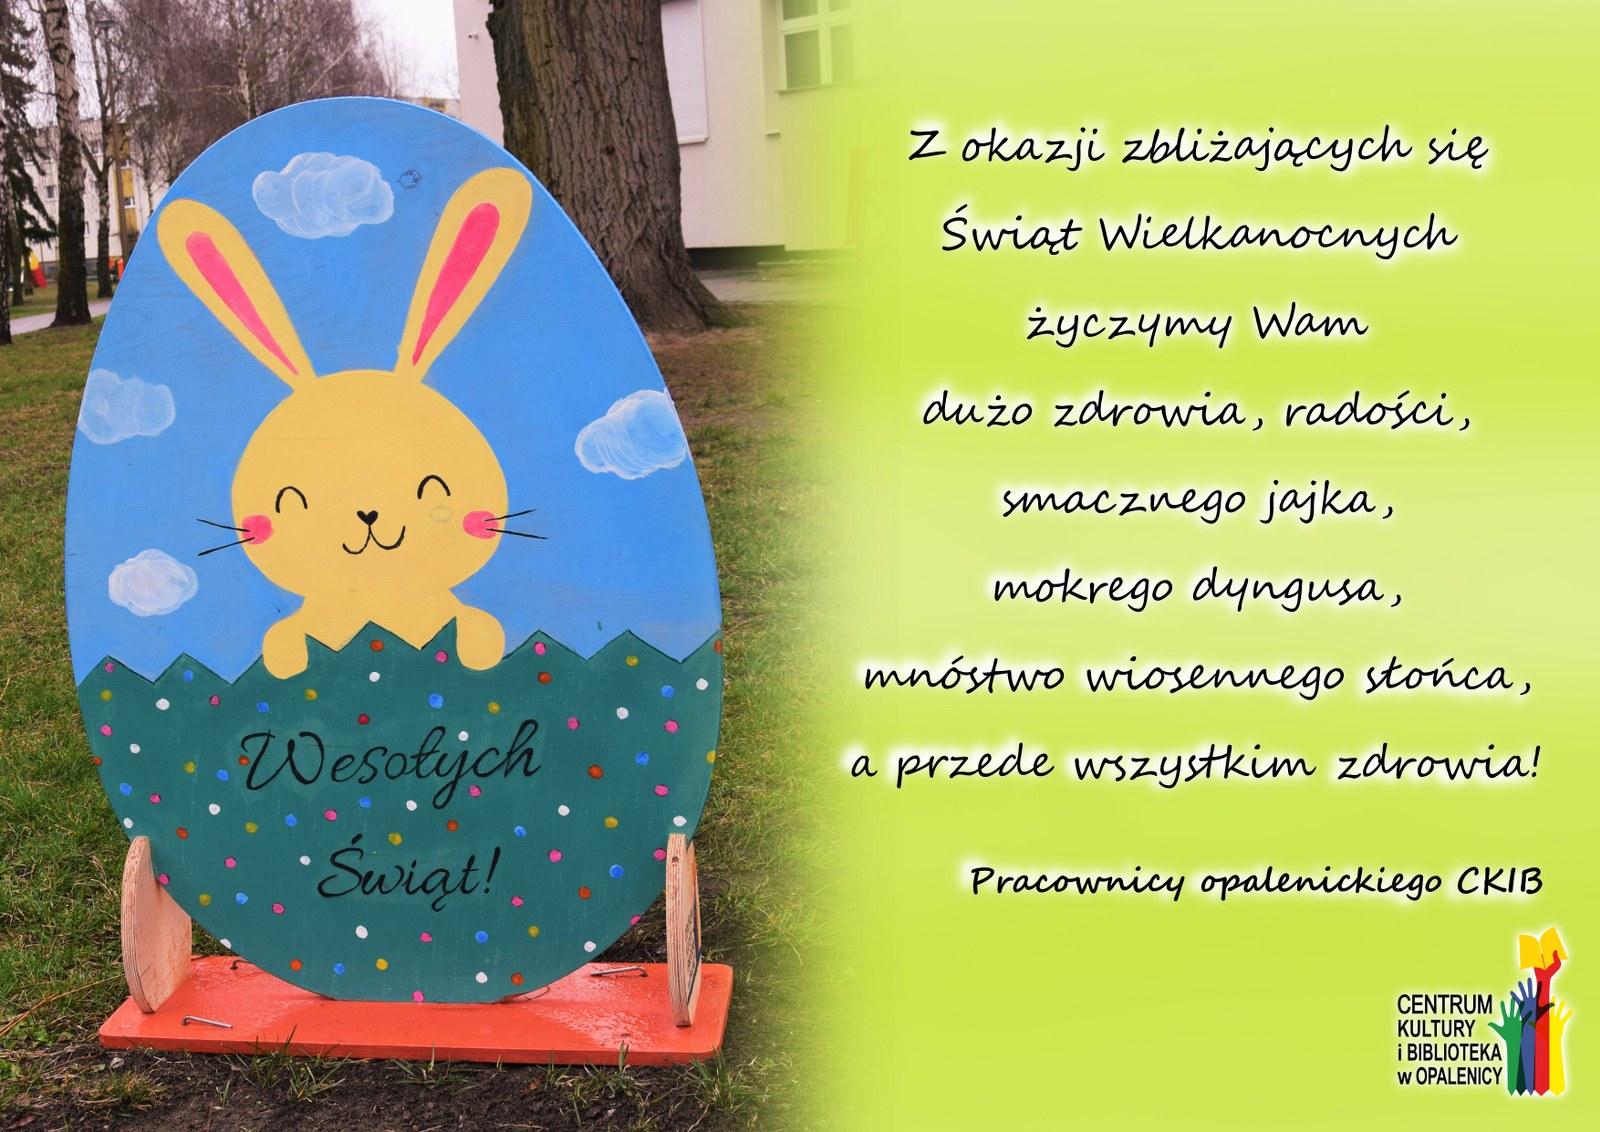 życzenia świąteczne. po lewej zdjęcie pisanki wykonanej przez zastępczynię dyrektora opalenickiego ckib, po prawej zielone, wielkanocne tło z życzeniami: Z okazji zbliżających się Świąt Wielkanocnych życzymy Wam dużo zdrowia, radości, smacznego jajka, mokrego dyngusa, mnóstwo wiosennego słońca, a przede wszystkim zdrowia! Pracownicy opalenickiego CKIB